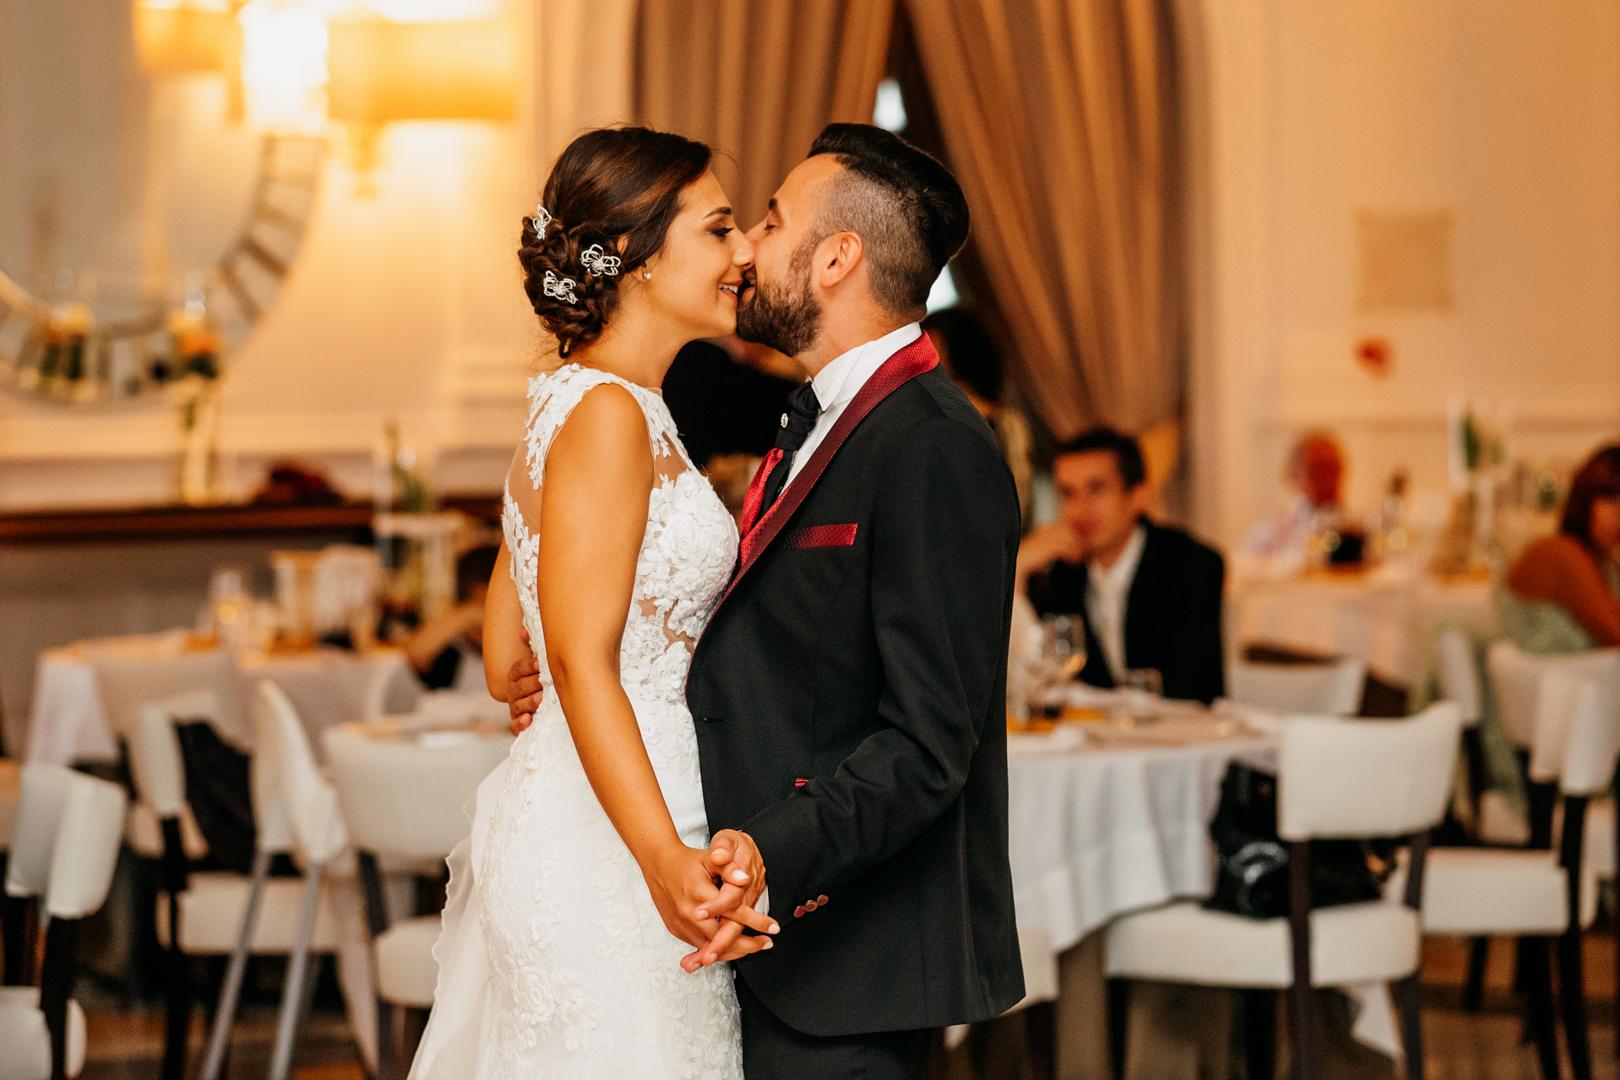 53 gianni-lepore-weddingday-matrimonio-sposi-groom-bride